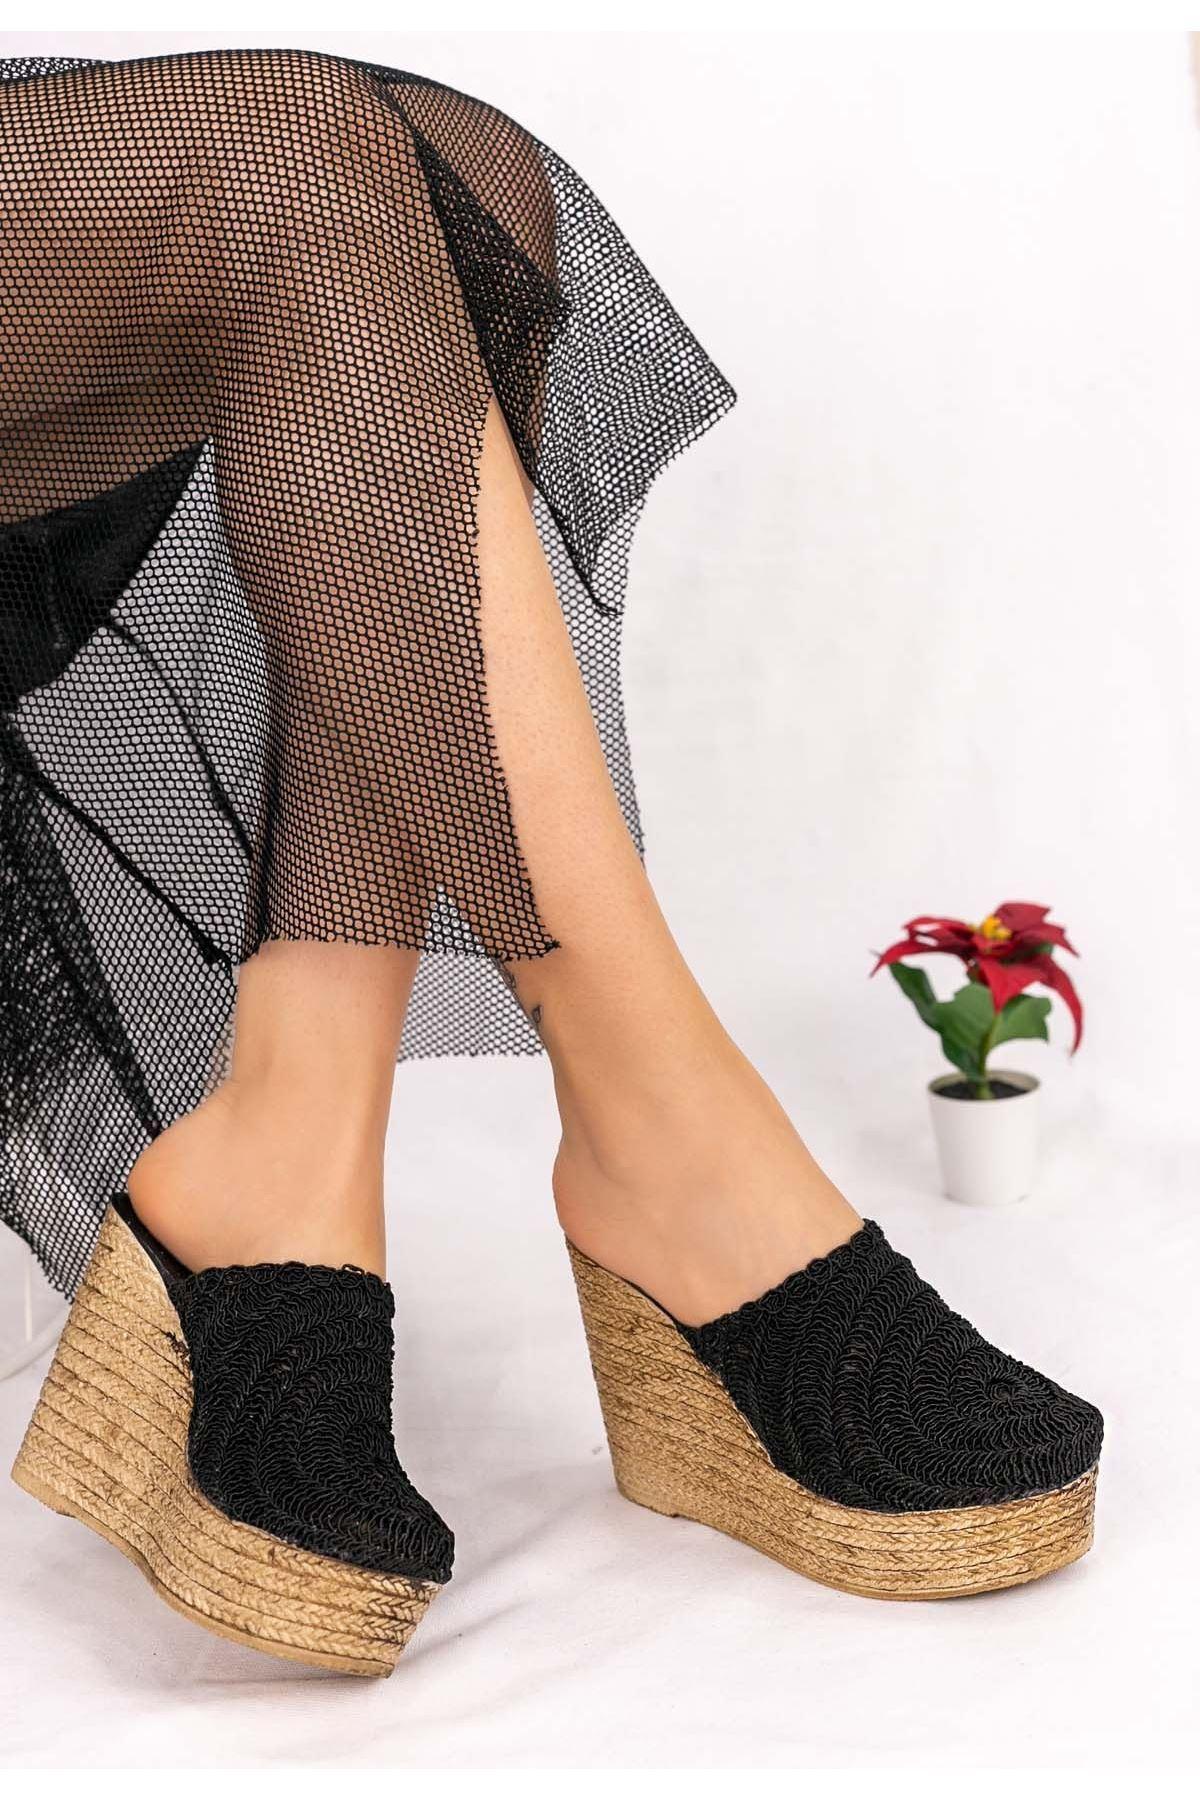 Averya Siyah Örgülü Dolgu Topuk Terlik